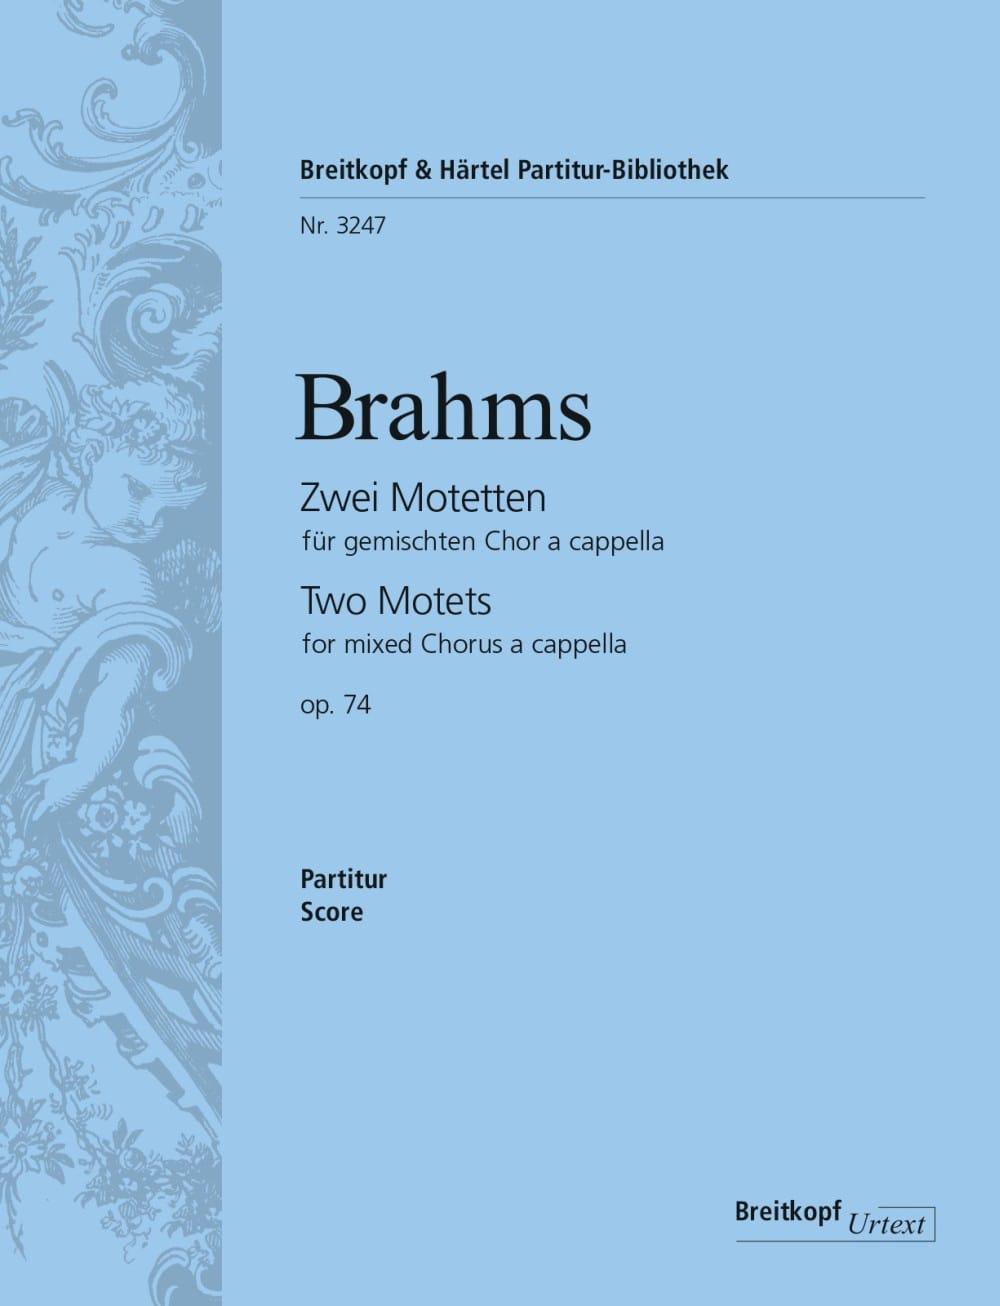 2 Motetten Opus 74 - BRAHMS - Partition - Chœur - laflutedepan.com